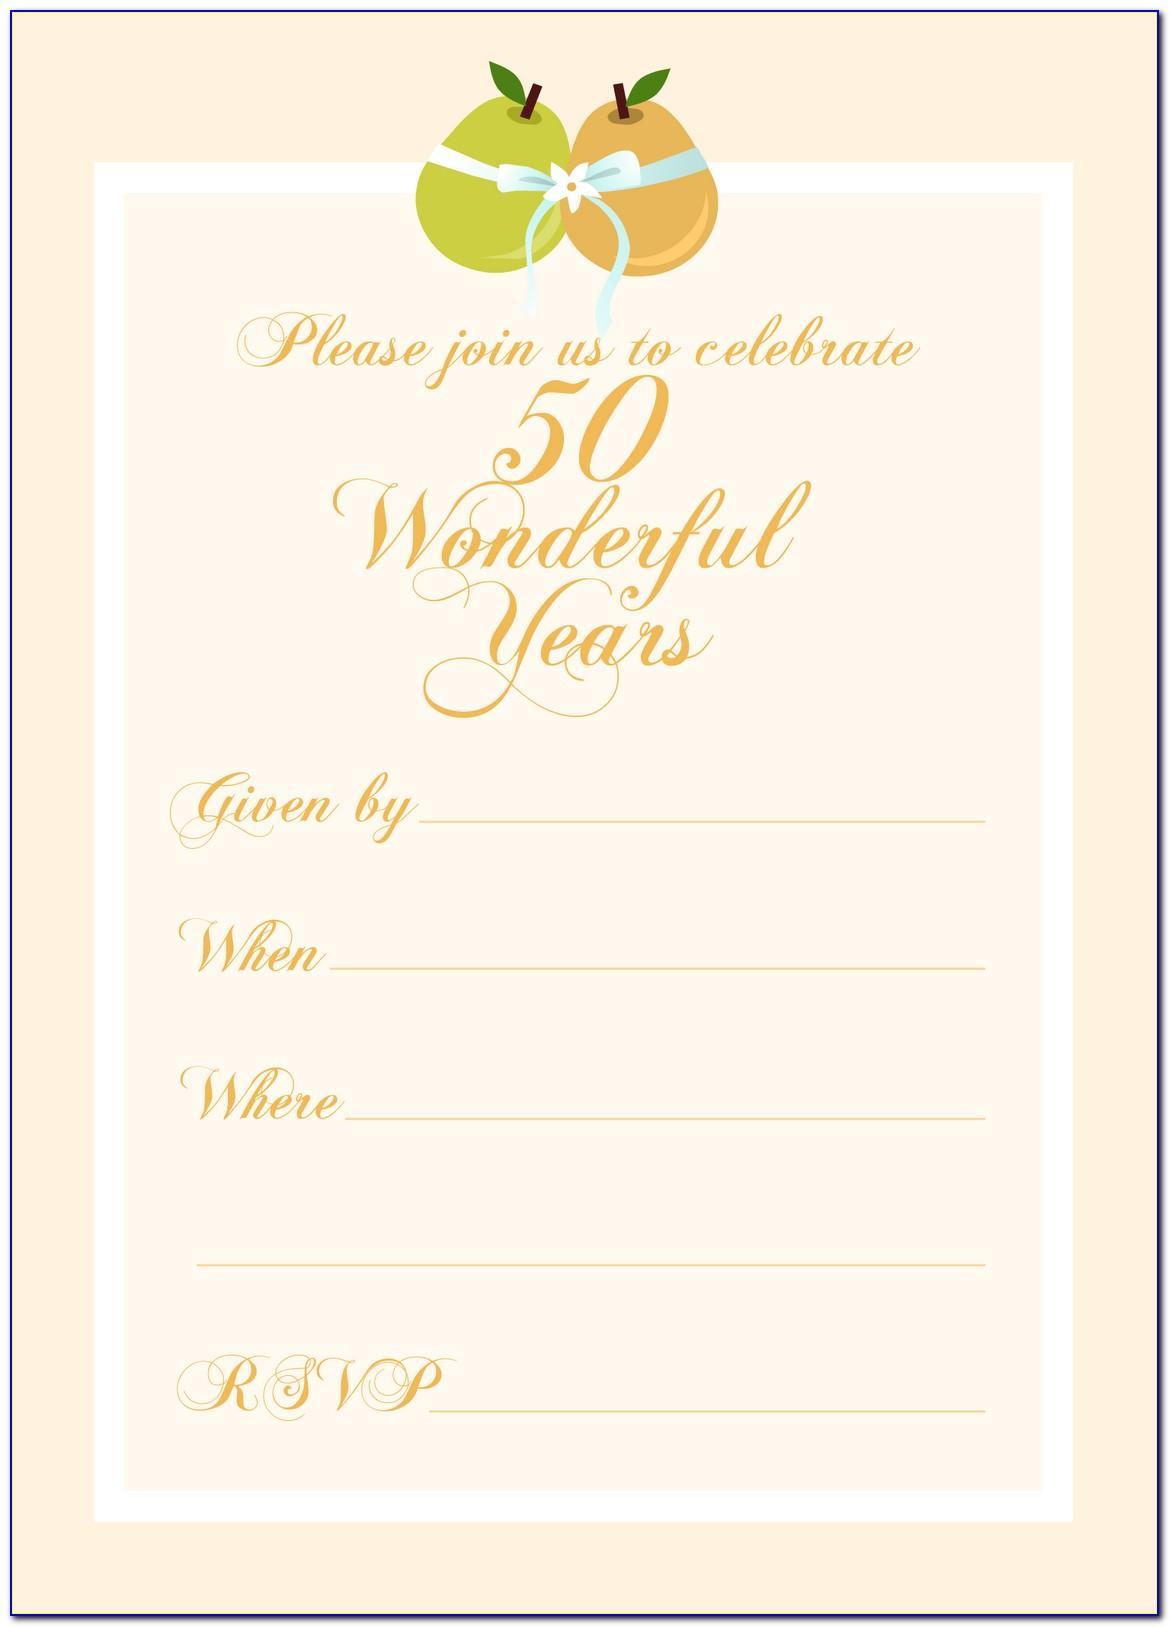 50th Anniversary Invitation Template Free